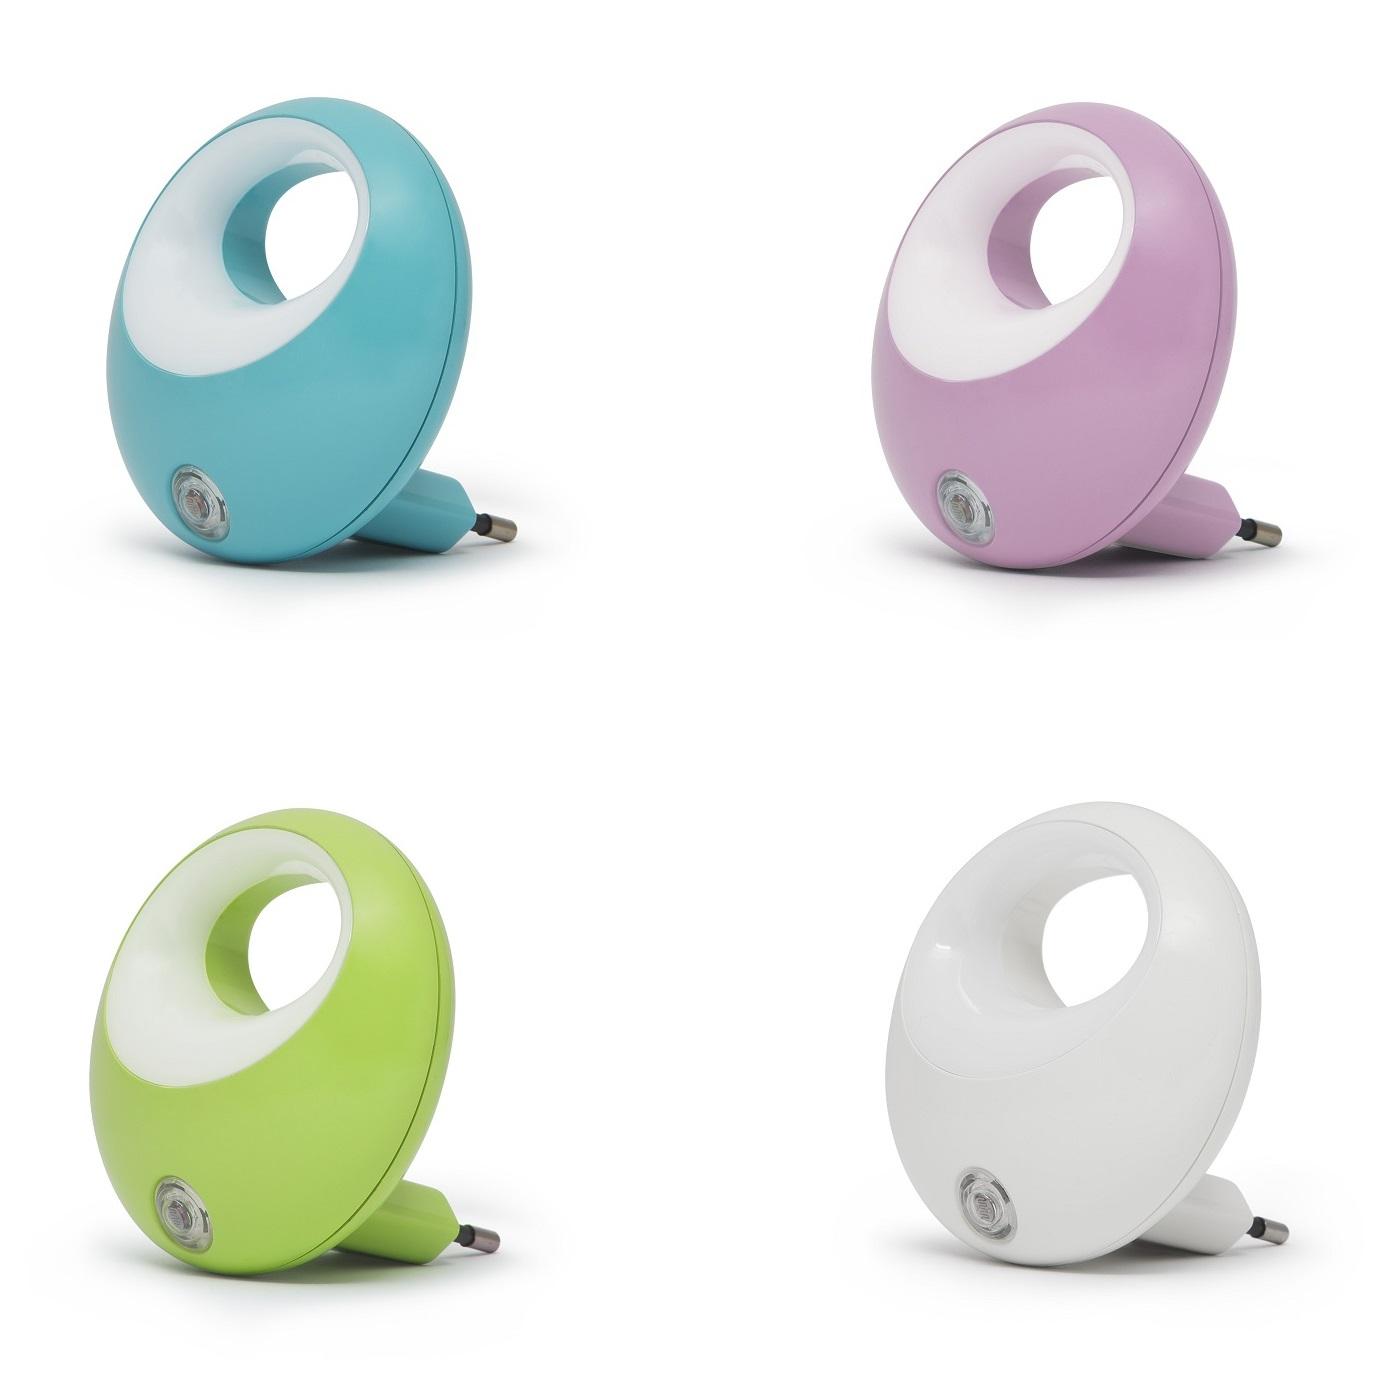 Noční diskrétní světlo v krásném designu, senzor pro automatické rozsvícení při setmění, spotřeba 1W, dlouhá životnost, barva modrá, bílá, fialová - Fiber Mounts Zerro